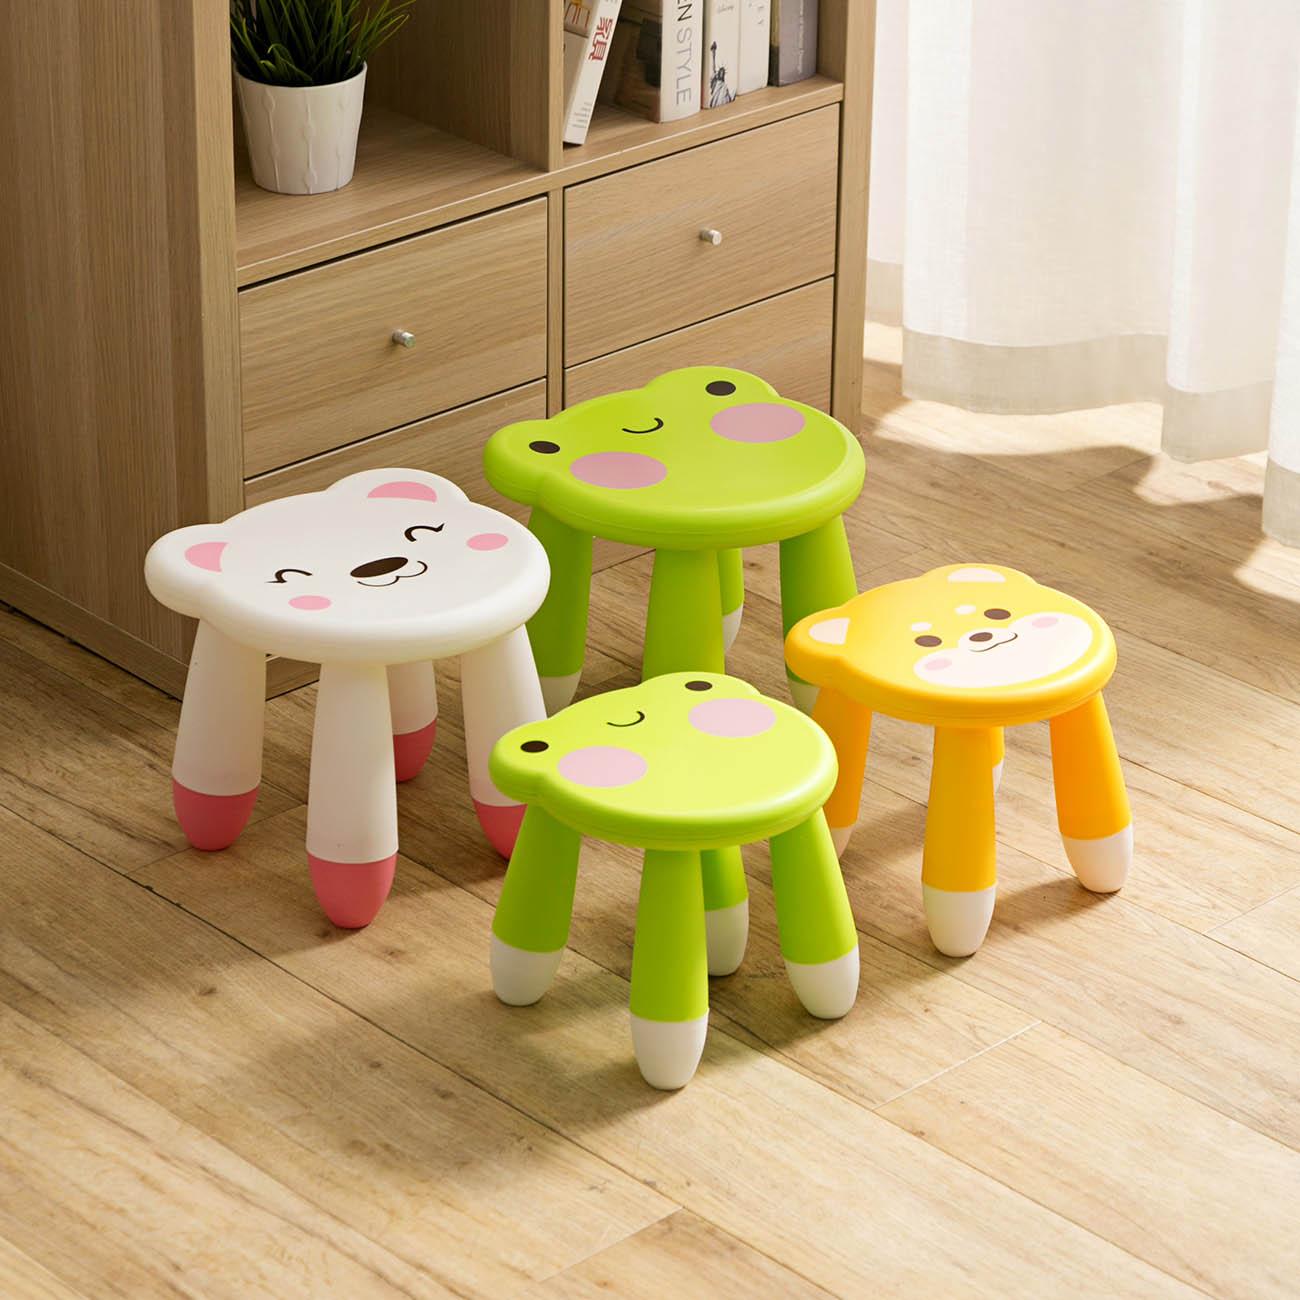 Детский толстый пластиковый маленький табурет для гостиной, для взрослых, сменный табурет для обуви, для ванной, для детей, низкий табурет